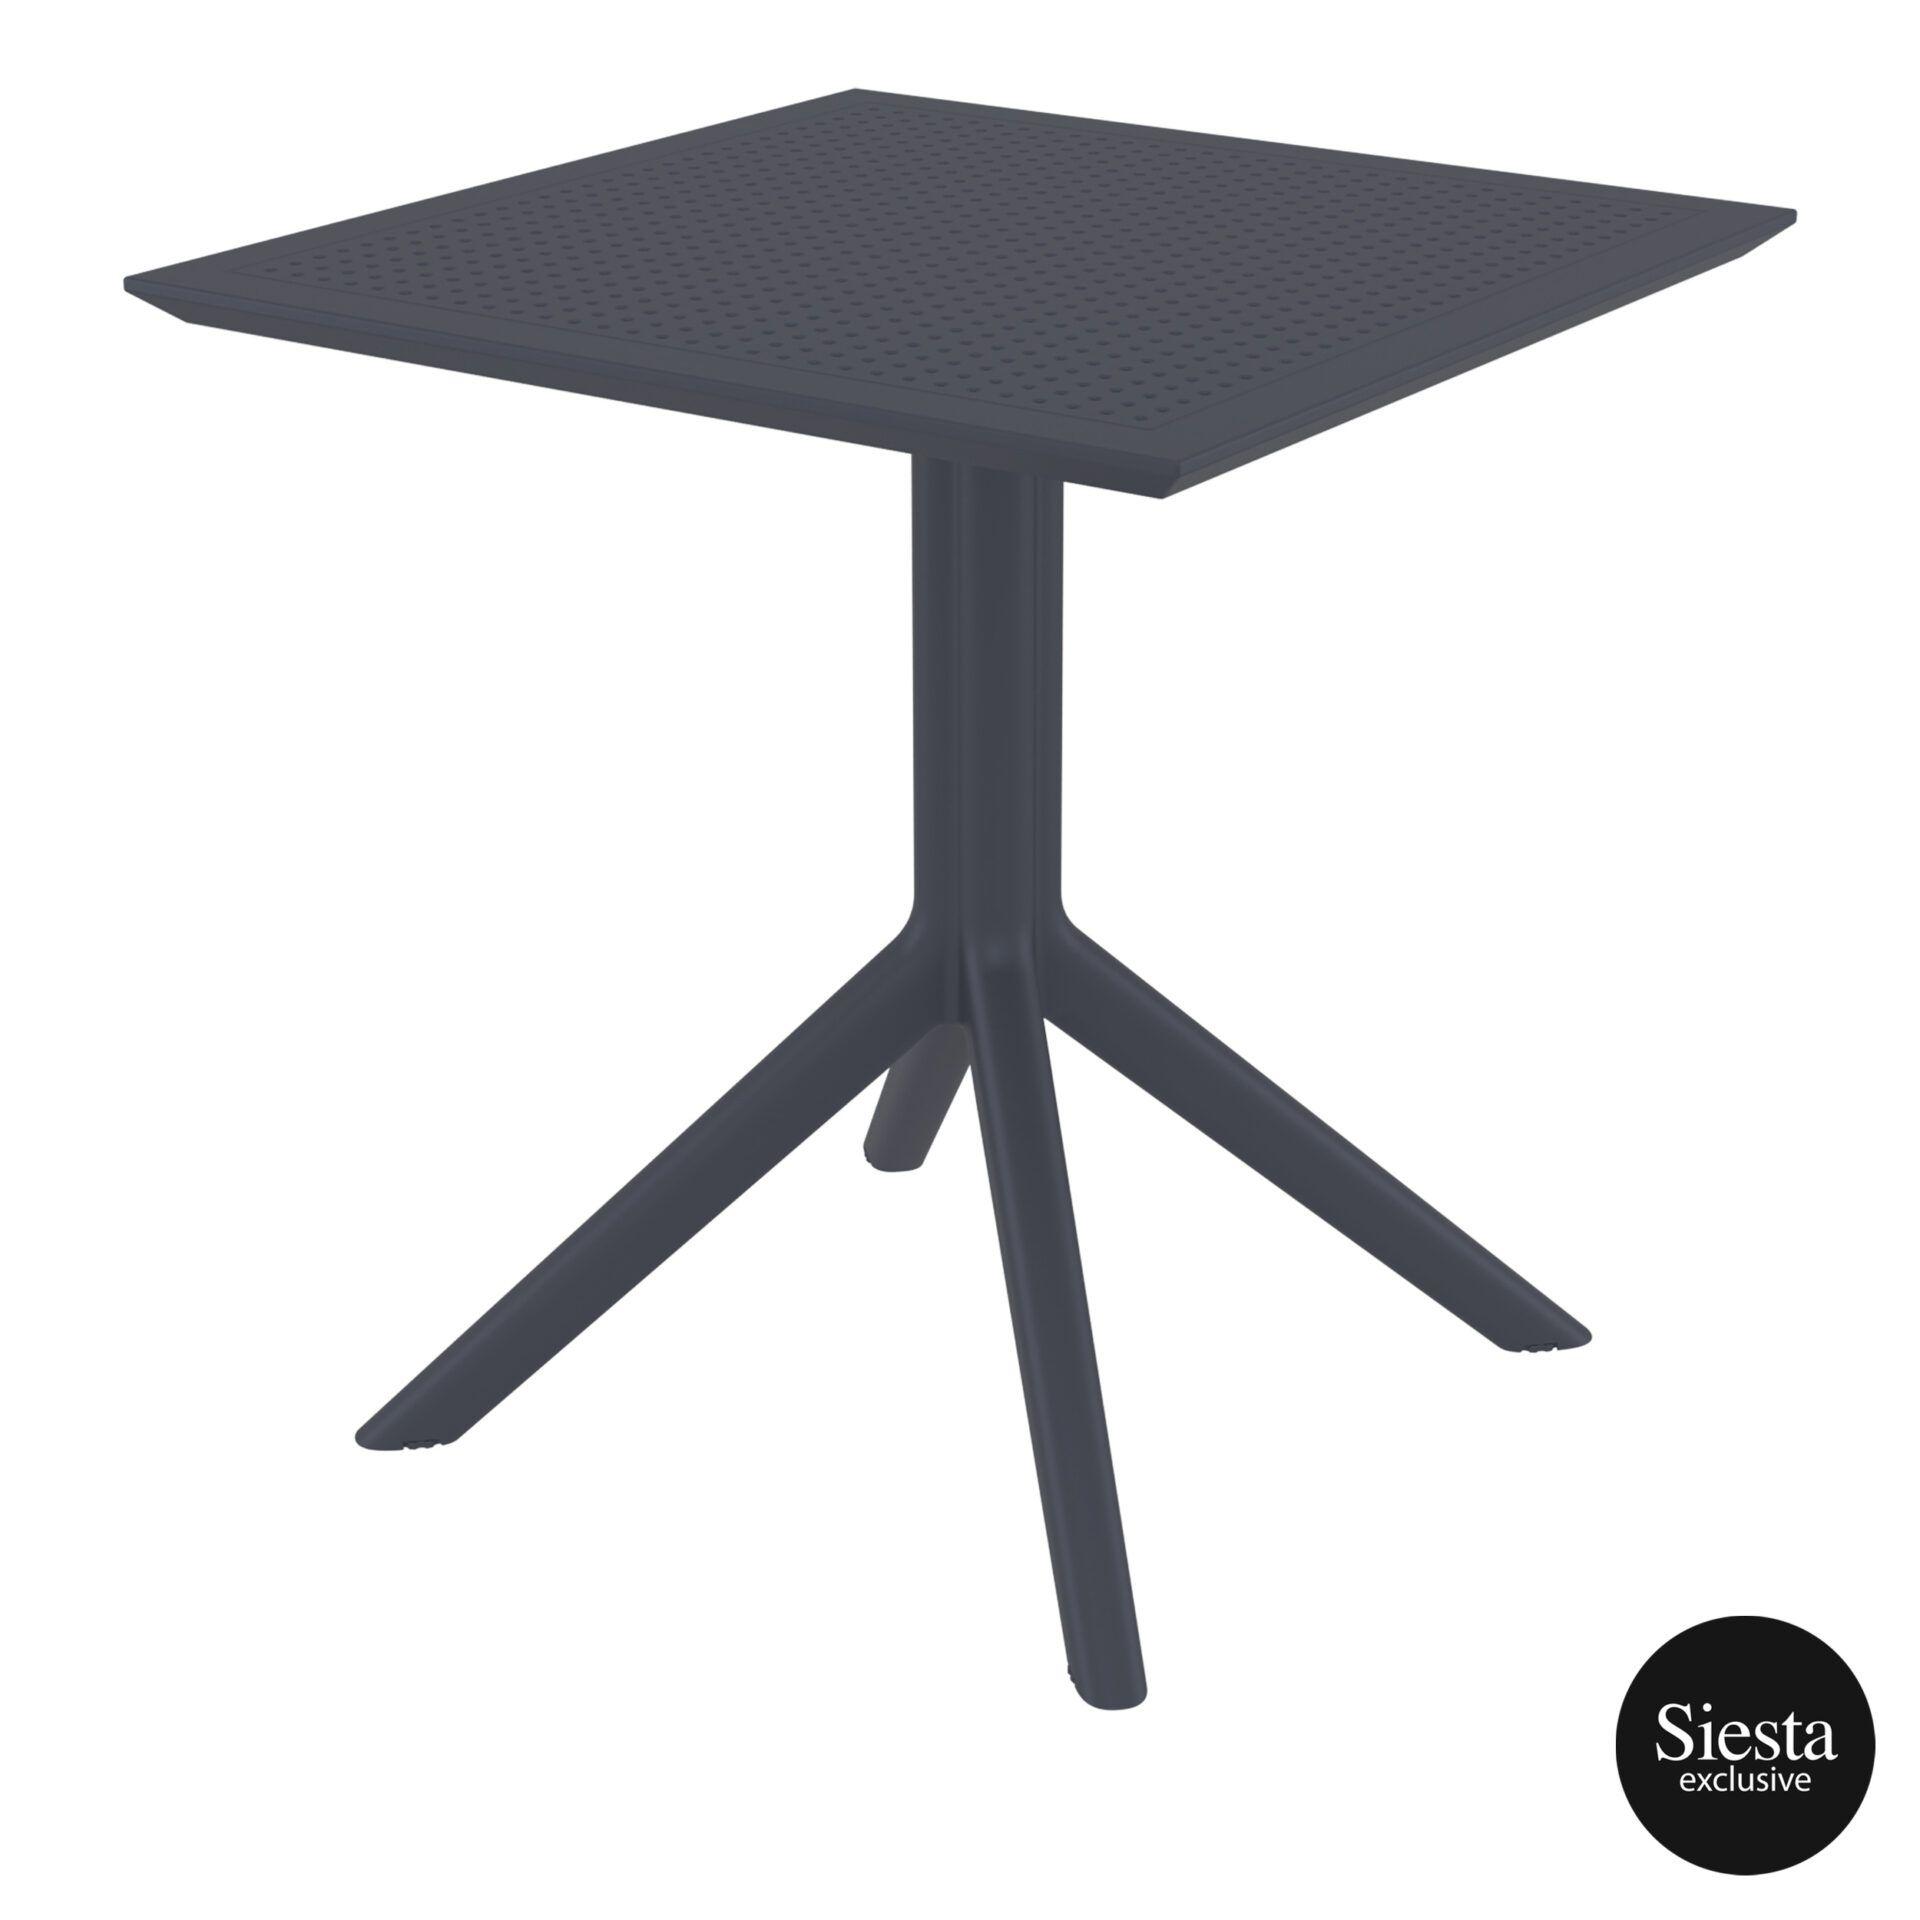 polypropylene outdoor cafe sky table 70 darkgrey front side 2